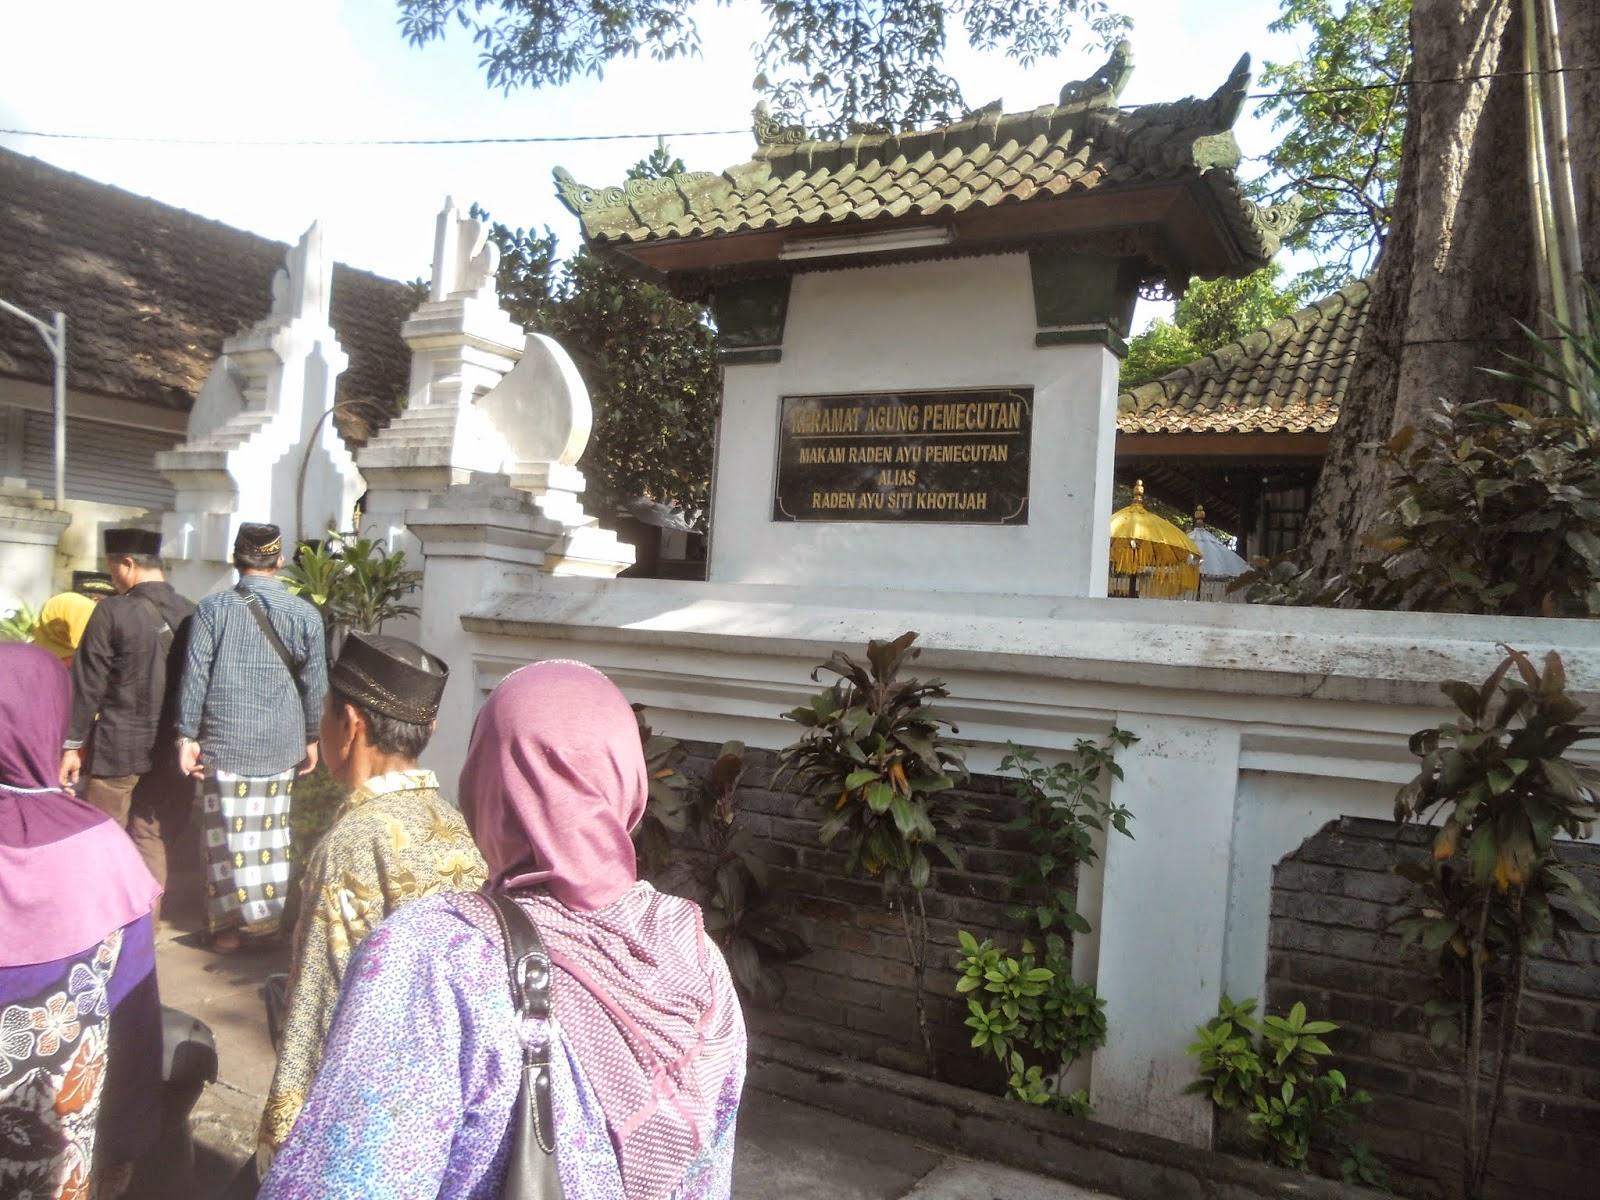 Menelusuri Peran Wali Pitu di Bali Sebagai Sosok Penyebar Agama Islam di Pulau Dewata